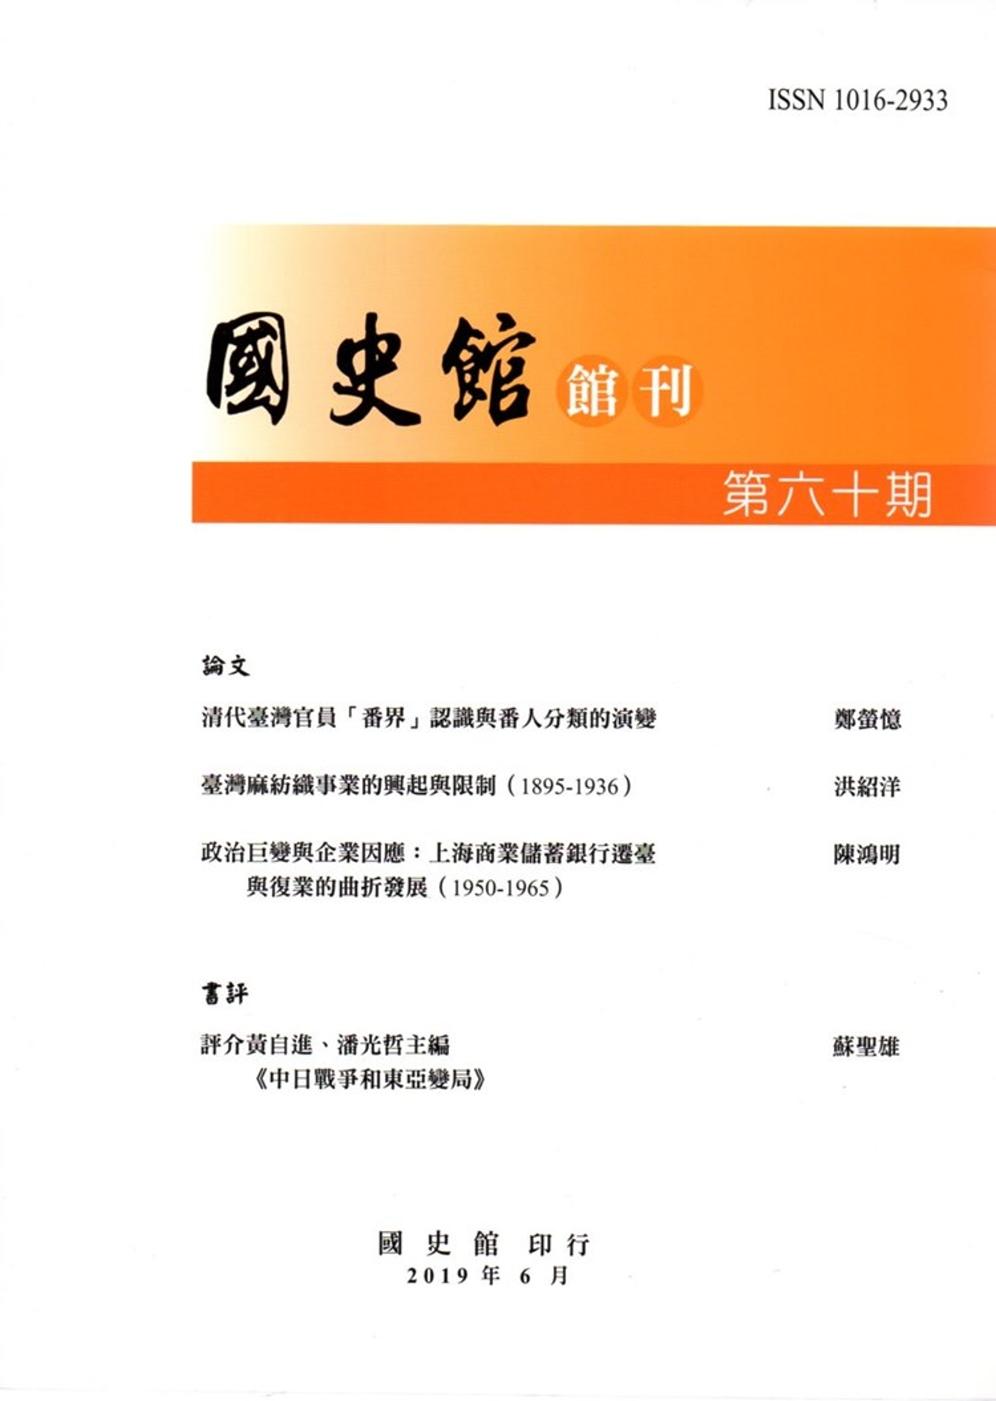 國史館館刊第60期(2019.06)